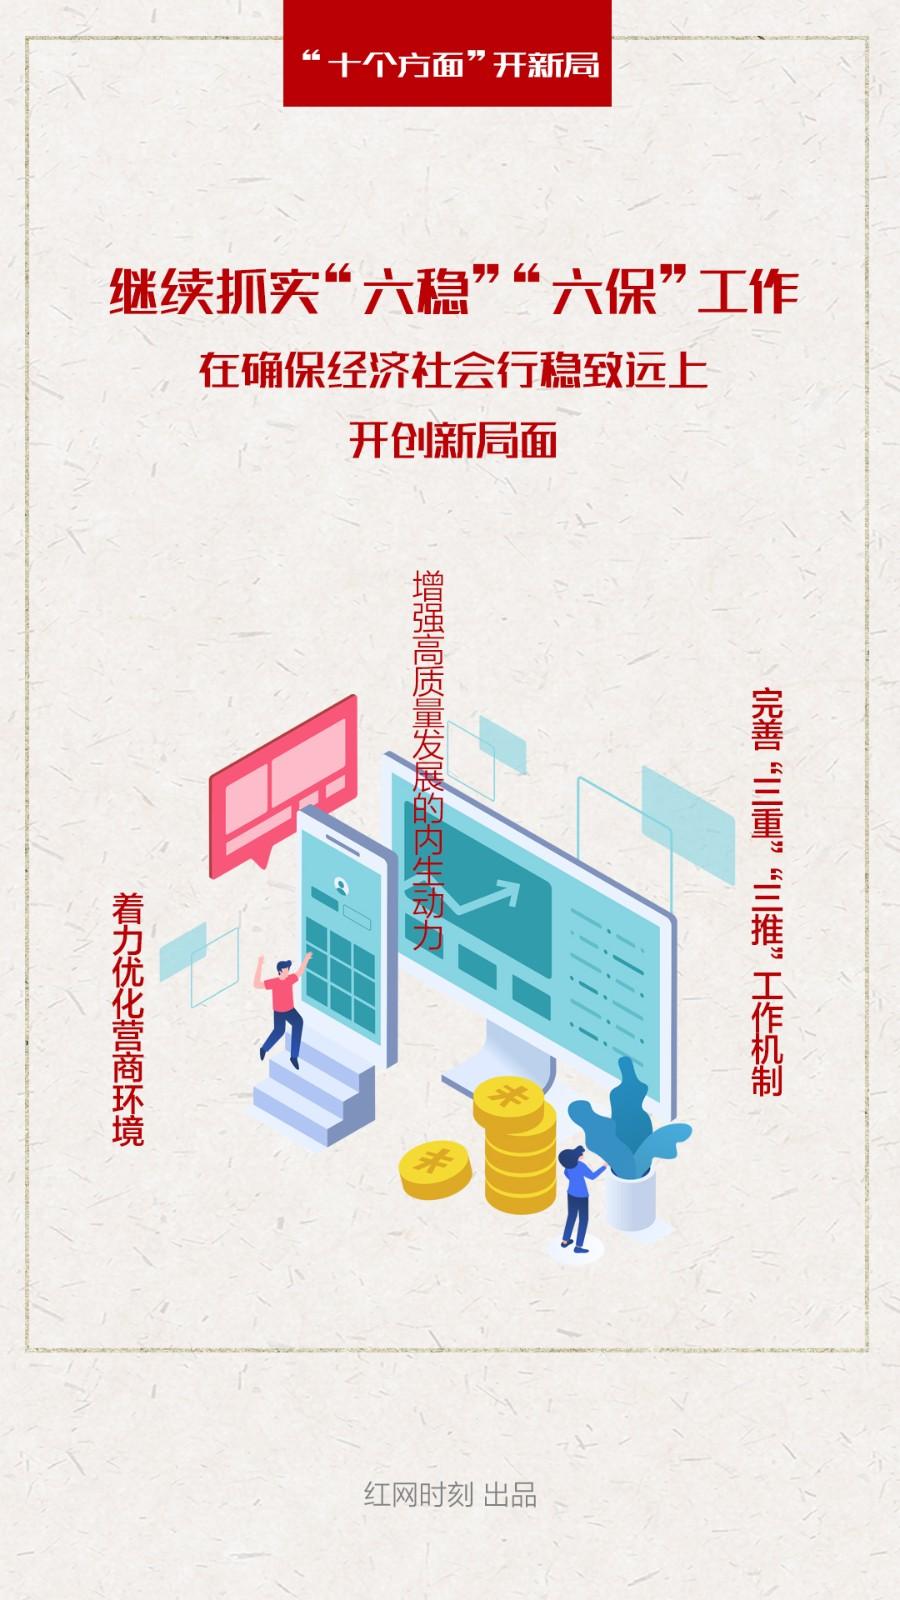 20201231十个重点海报设计稿011.jpg